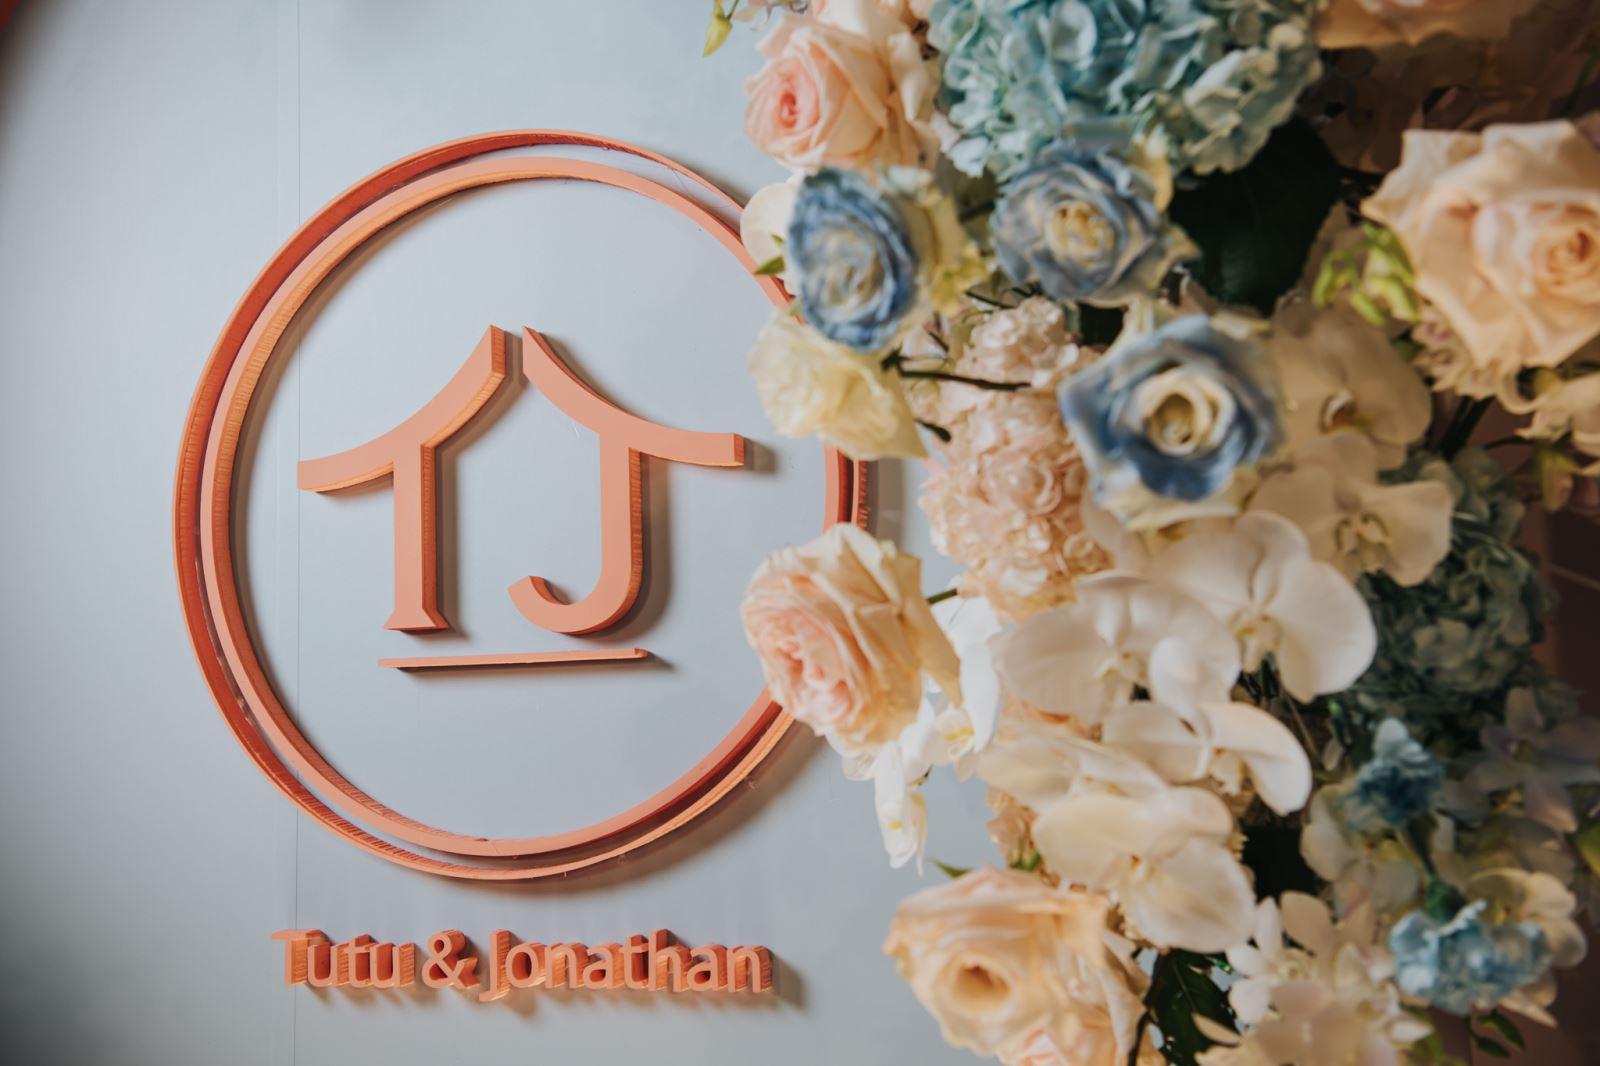 以新人的英文名字作為主題的婚禮logo